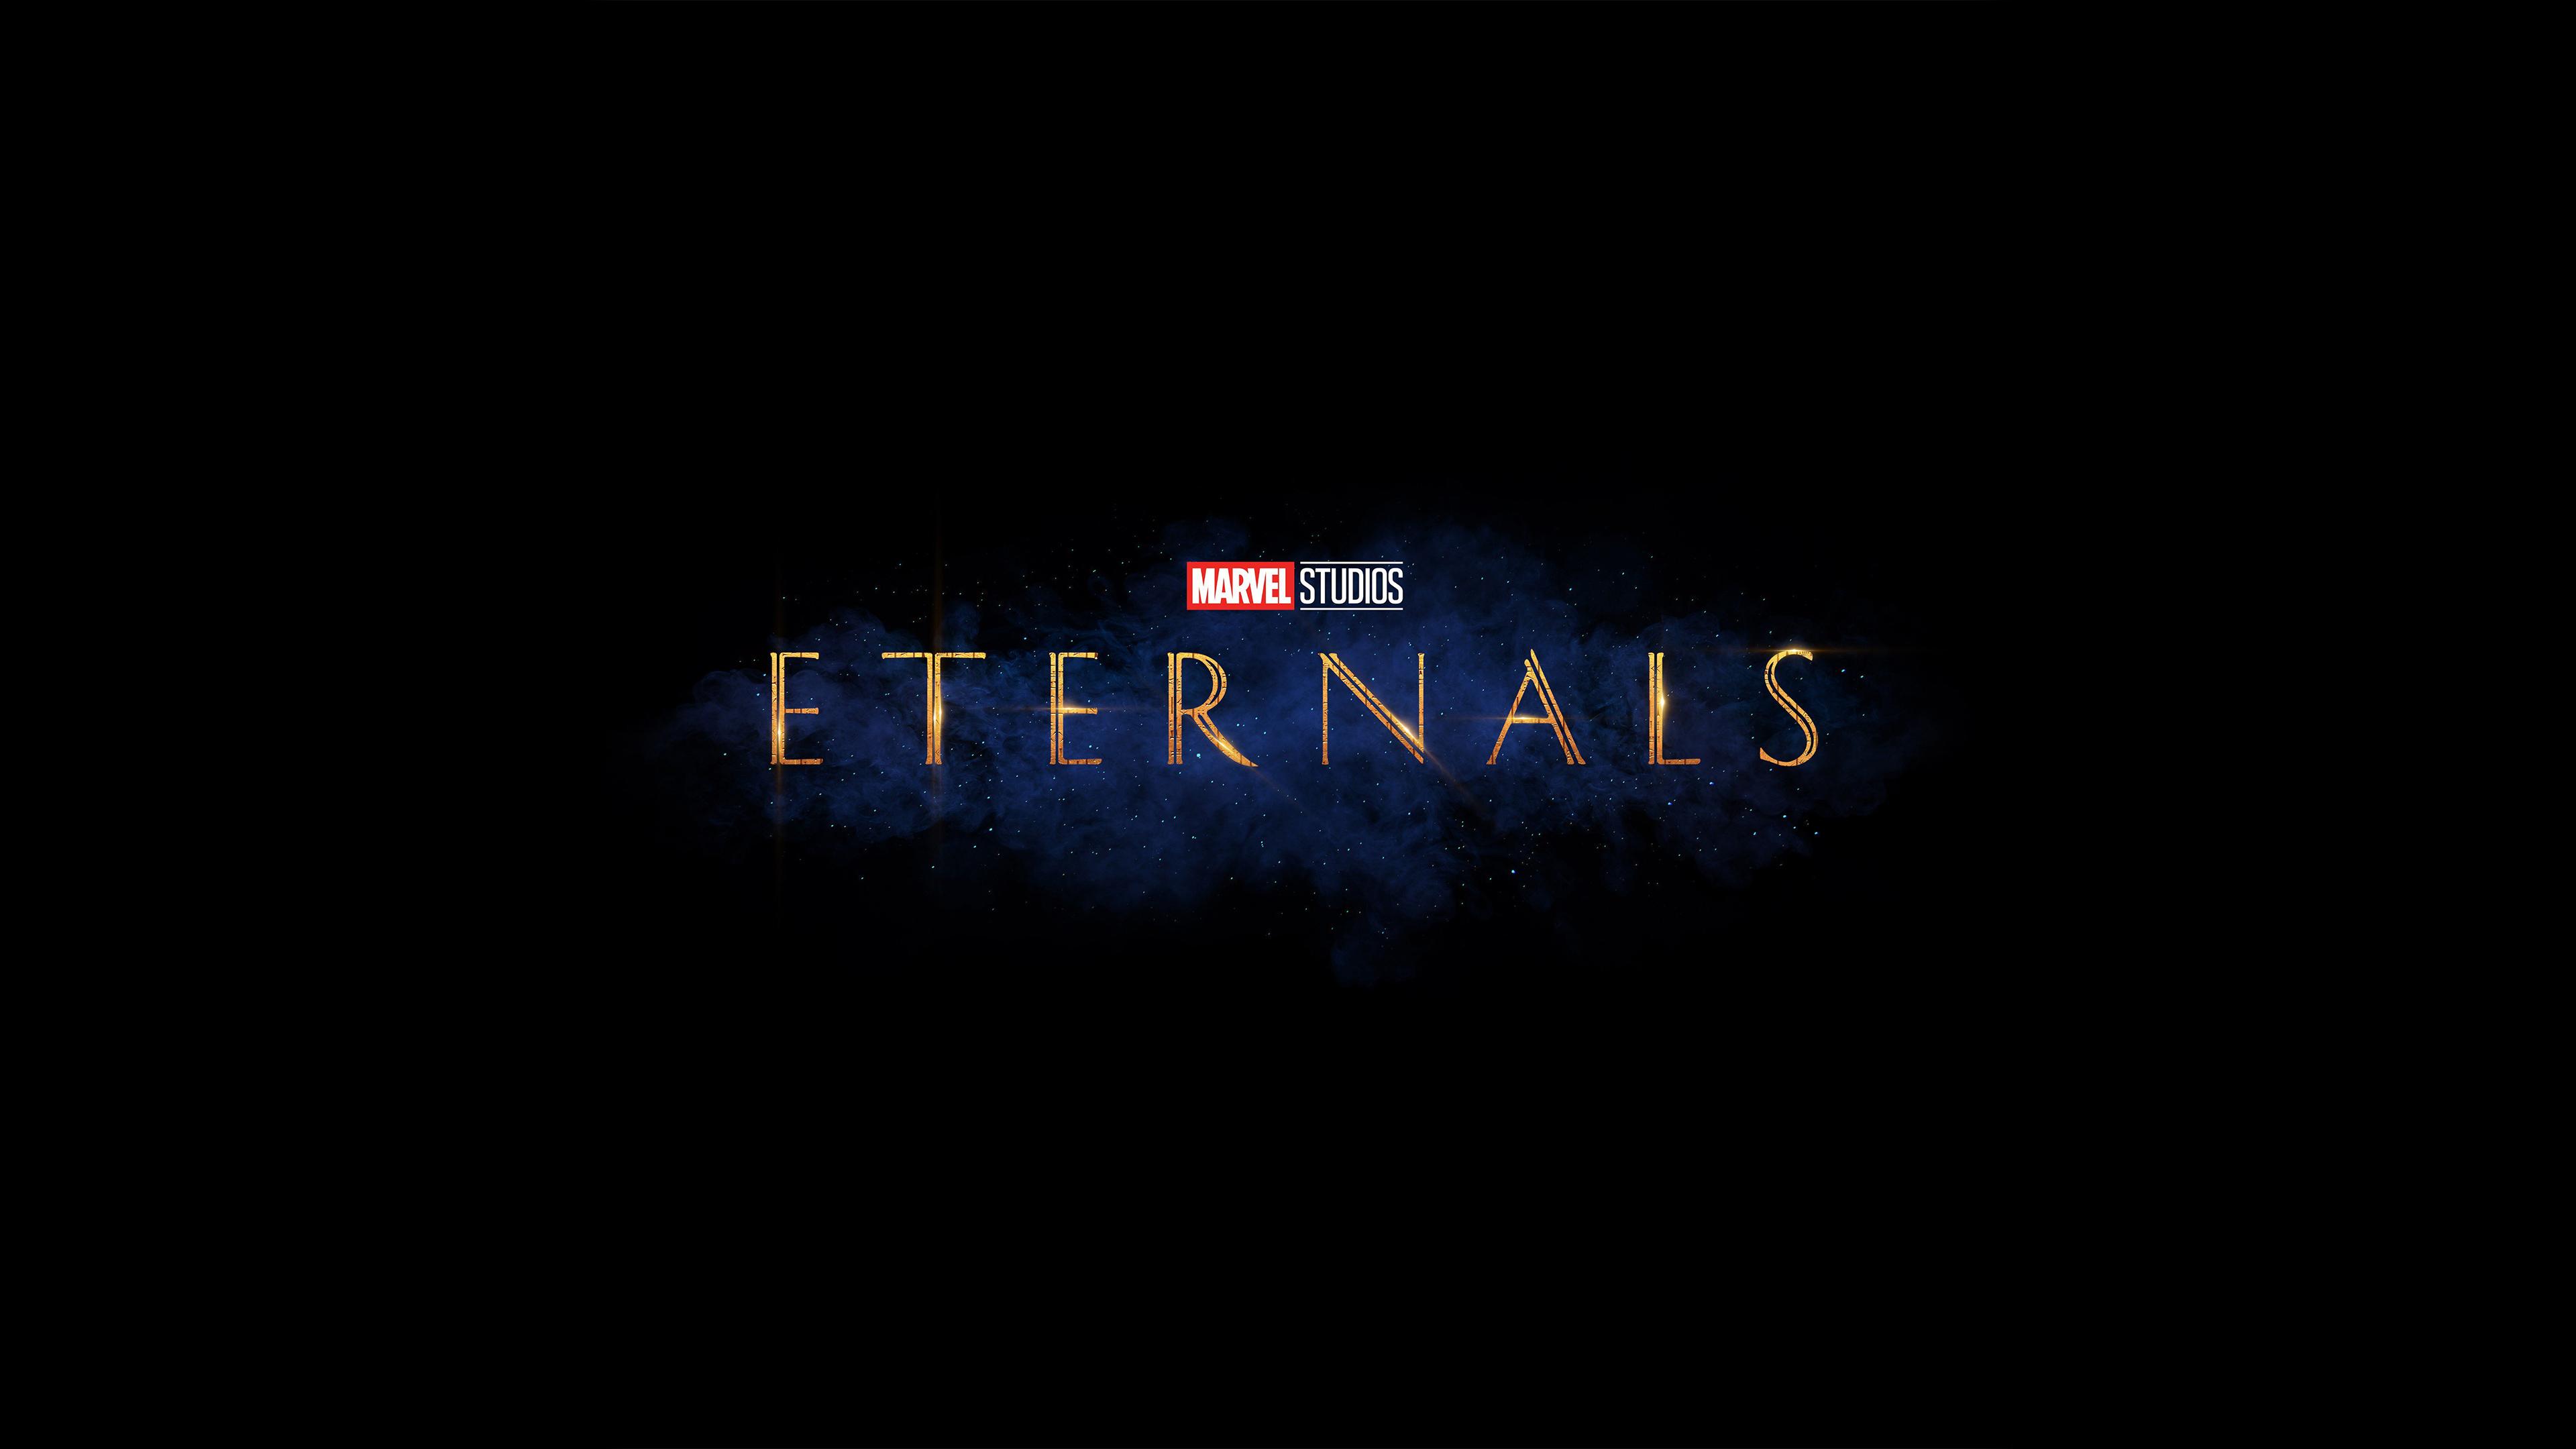 Wallpaper 4k Marvel Eternals 2020 2020 movies wallpapers 4k 3840x2160